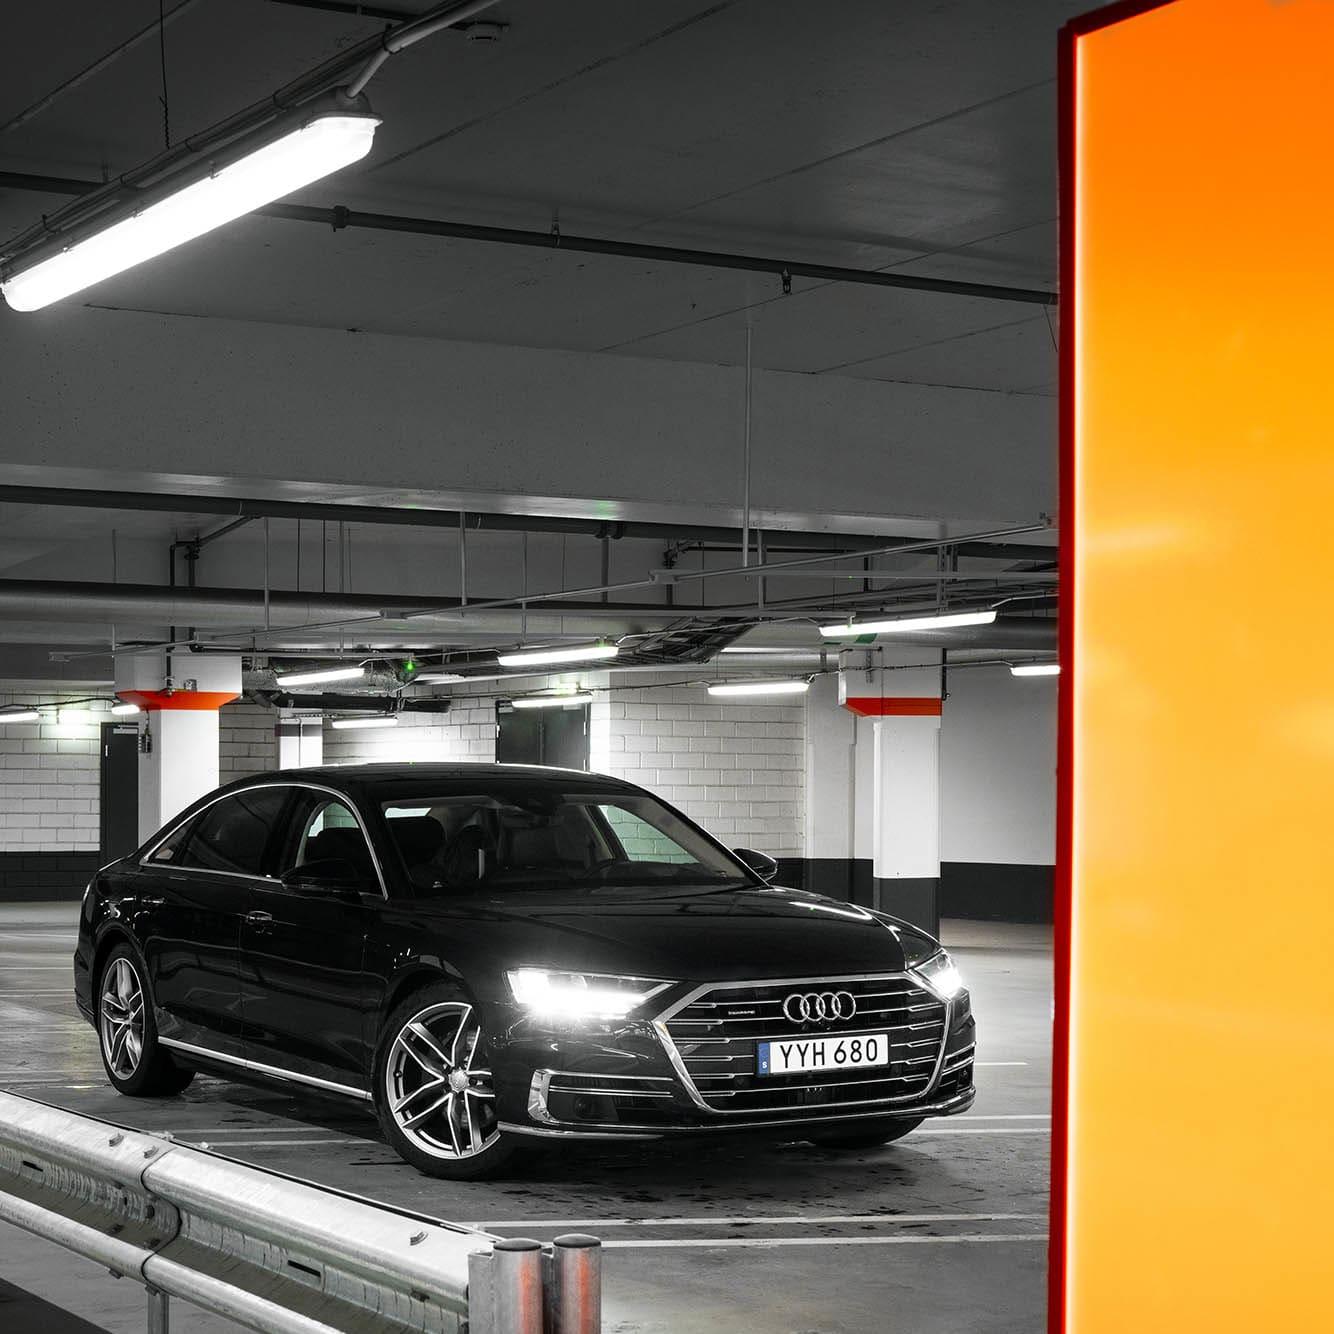 Audi A8 L, en lyxkryssare av bekvämaste klass. Tekniken ligger före sin tid och kommer göra livet för dig som förare eller passagerare bättre på alla vis.